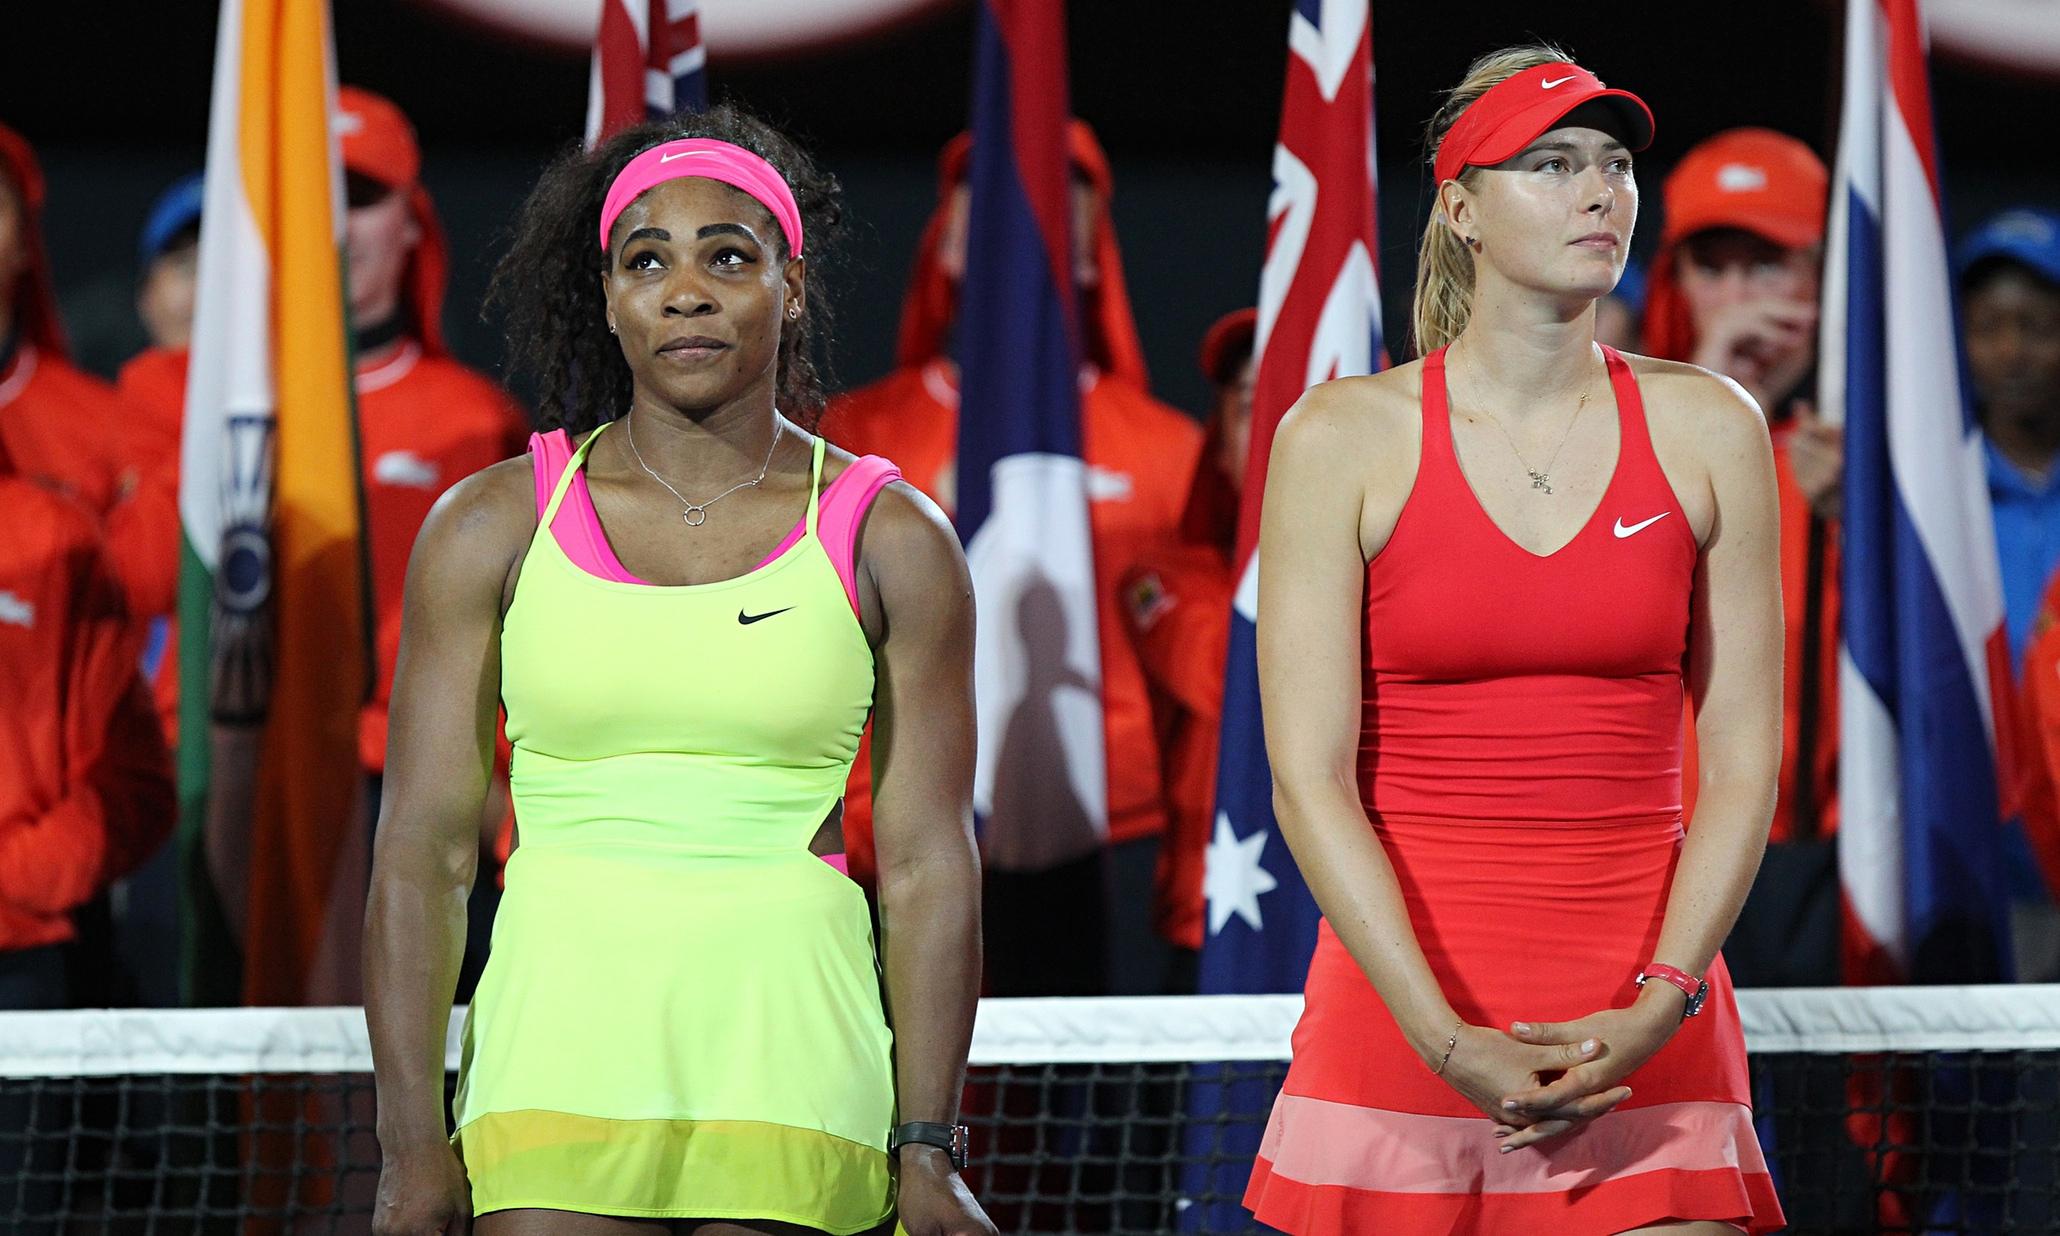 Day 13 of the 2015 Australian Open, Women's Final